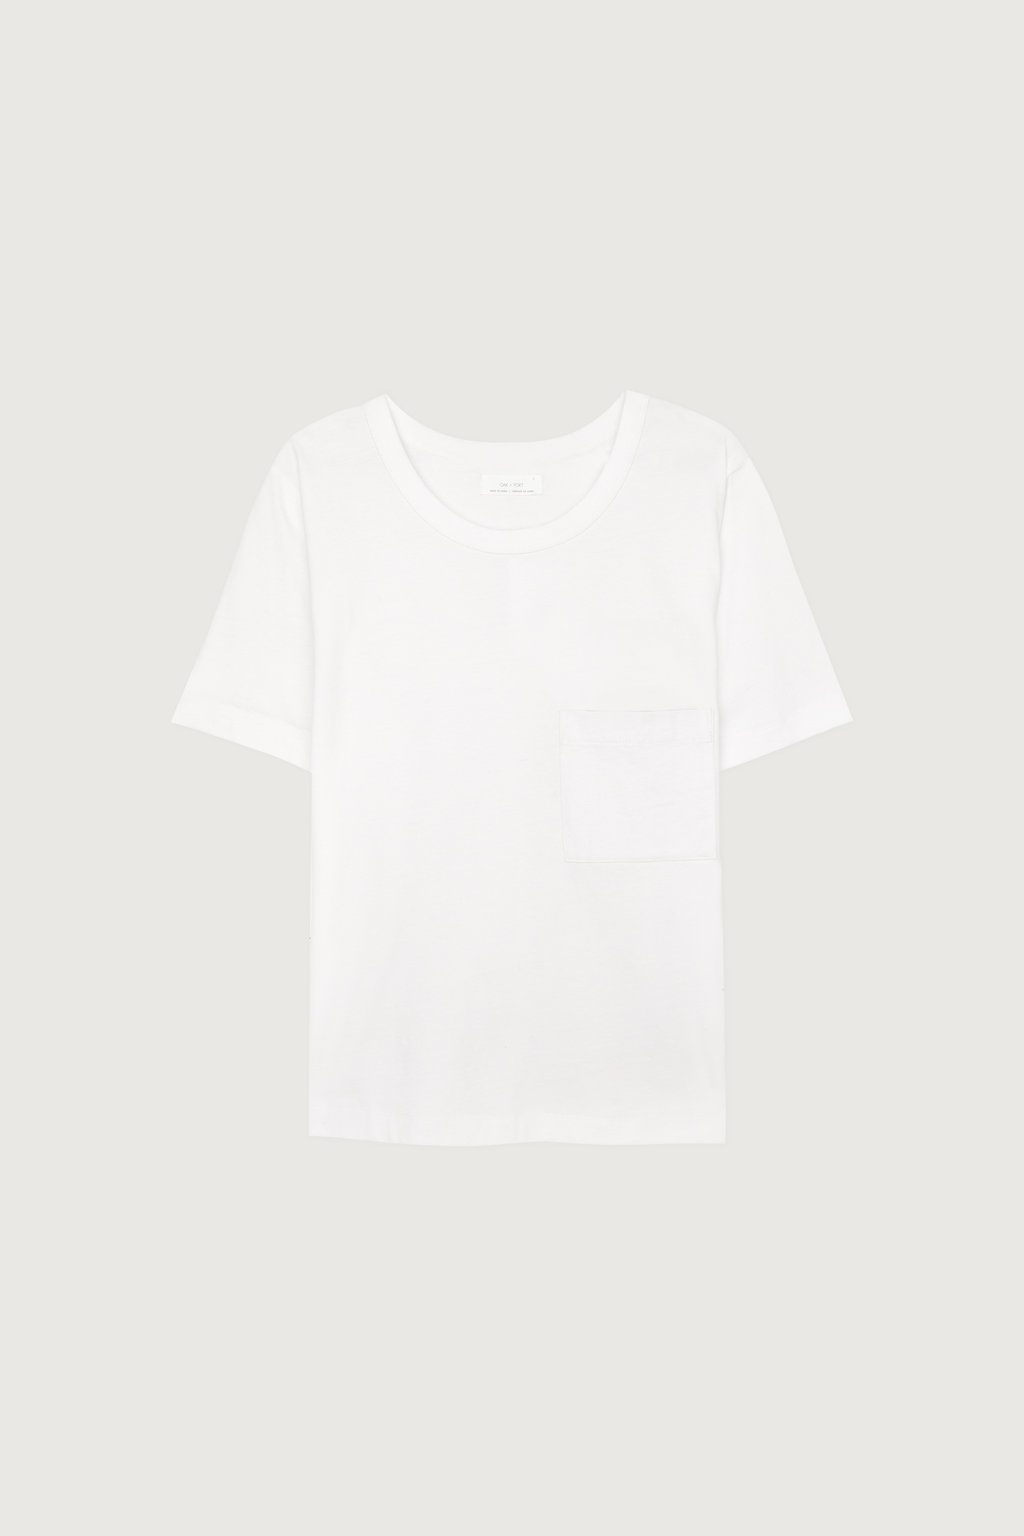 TShirt 3185 White 9